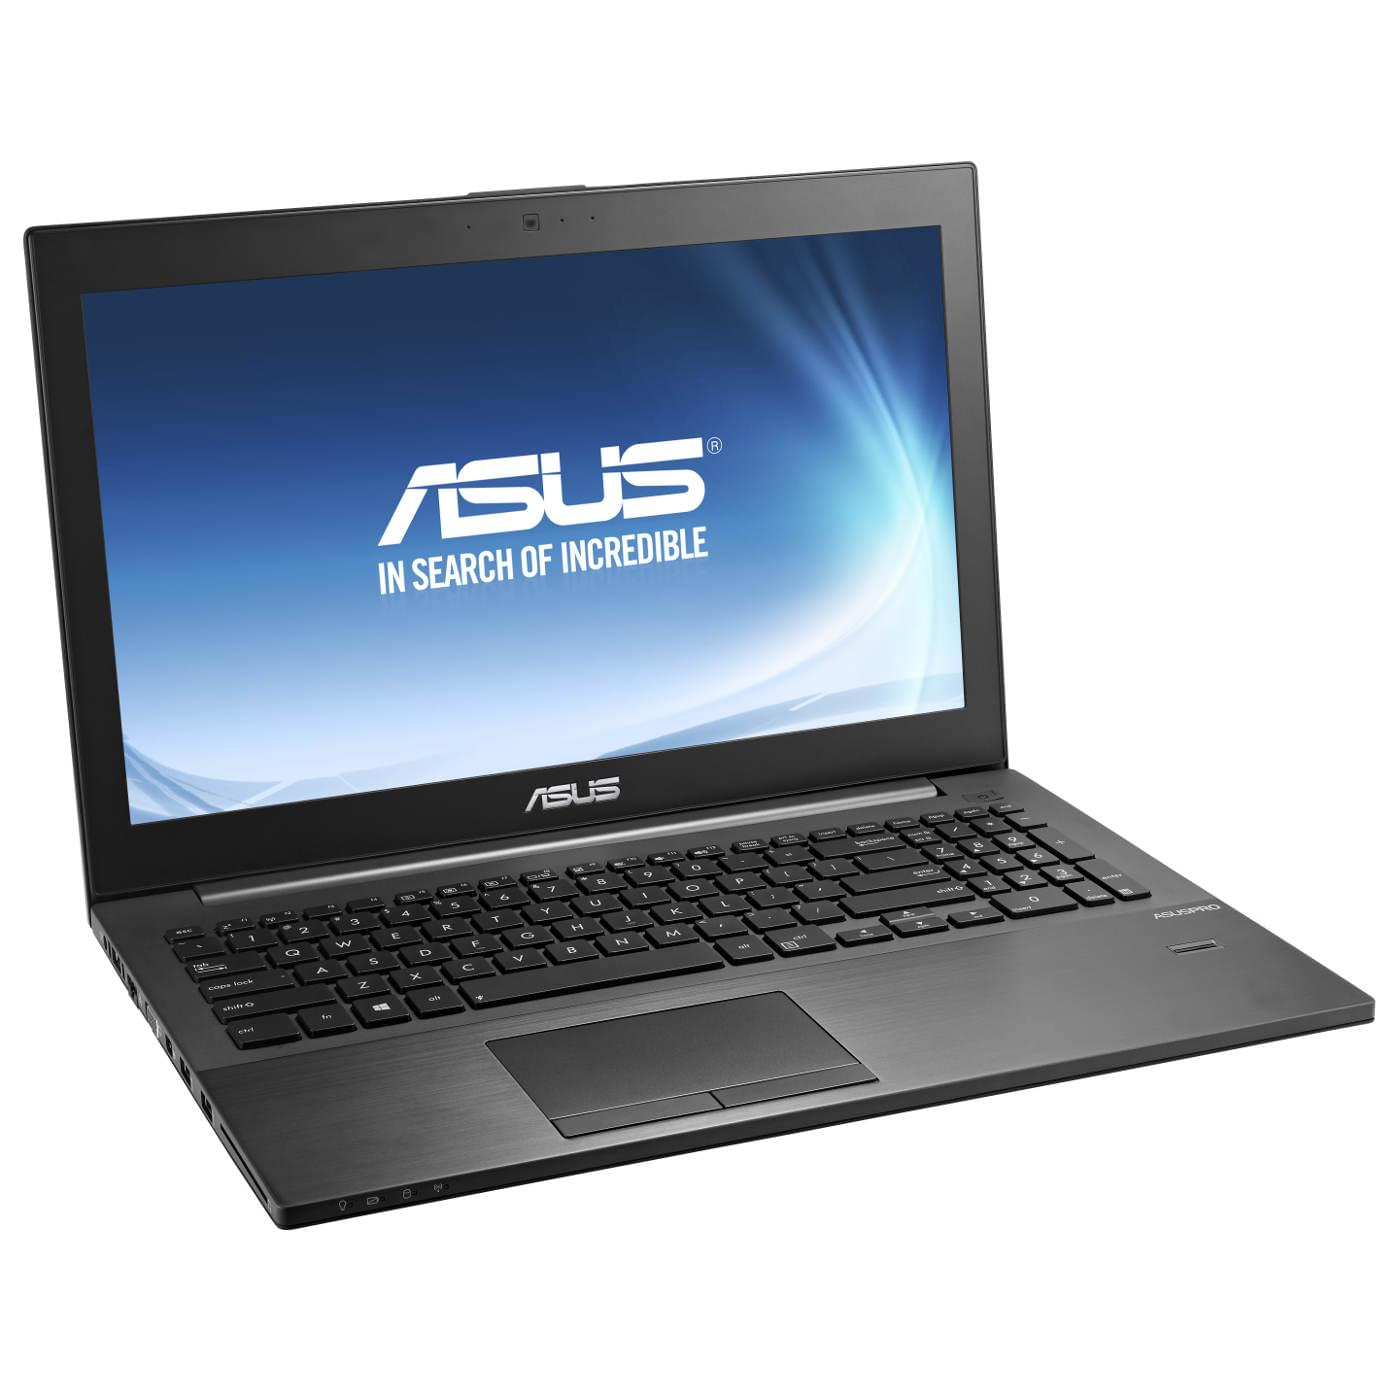 Asus B551LA-CN032G (B551LA-CN032G) - Achat / Vente PC Portable sur Cybertek.fr - 0